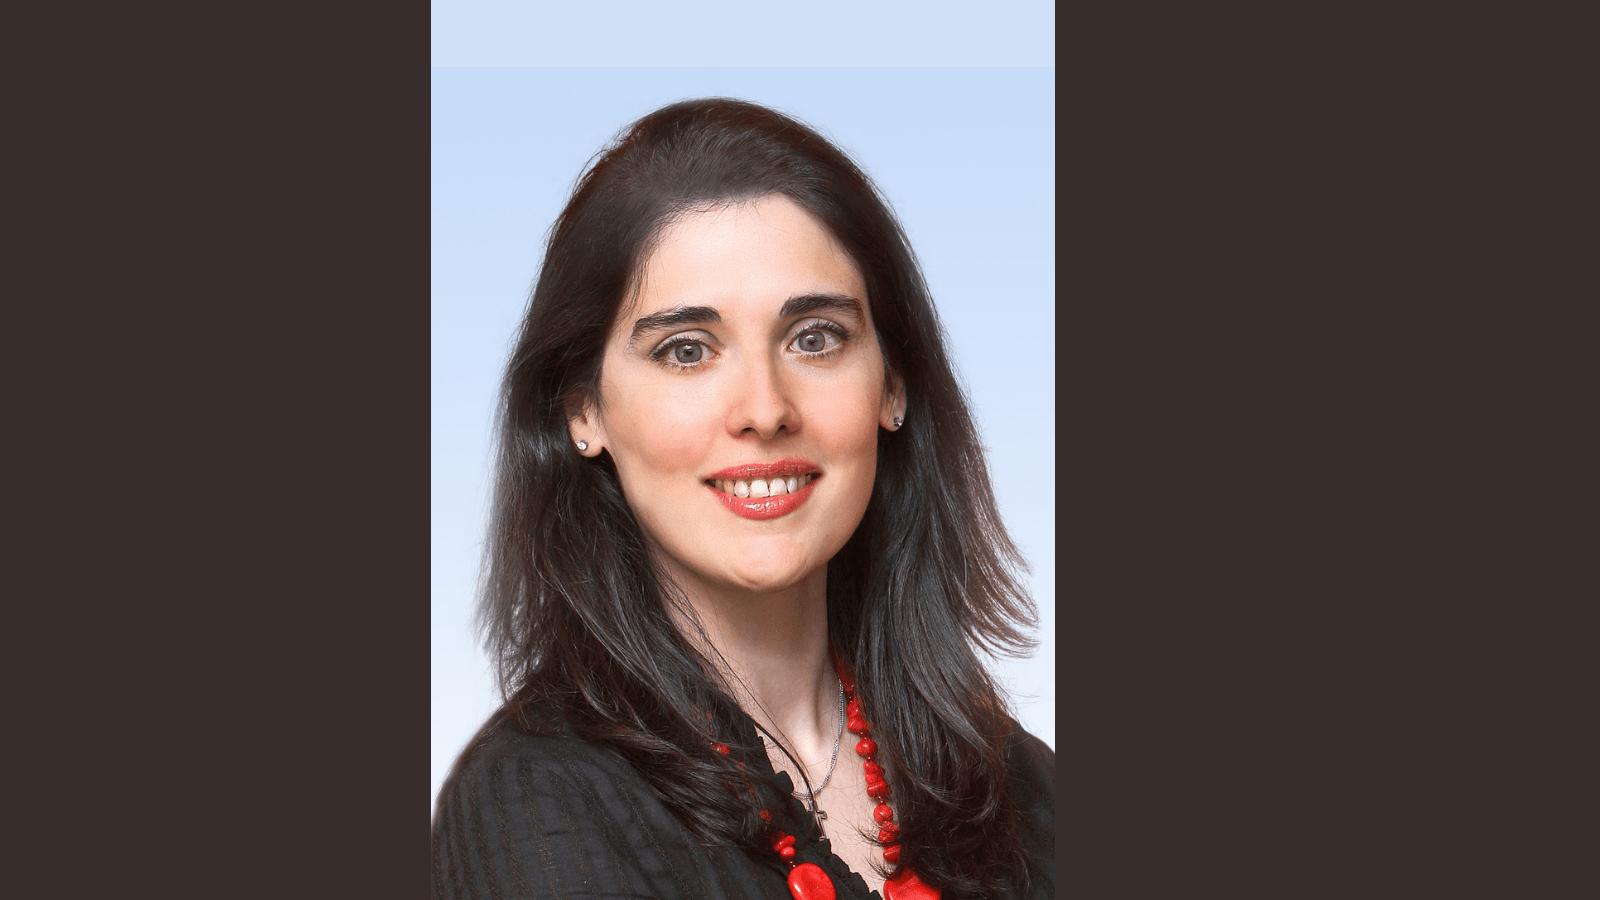 Jerusalem Hernández: Socia de Sostenibilidad y Buen Gobierno de KPMG España